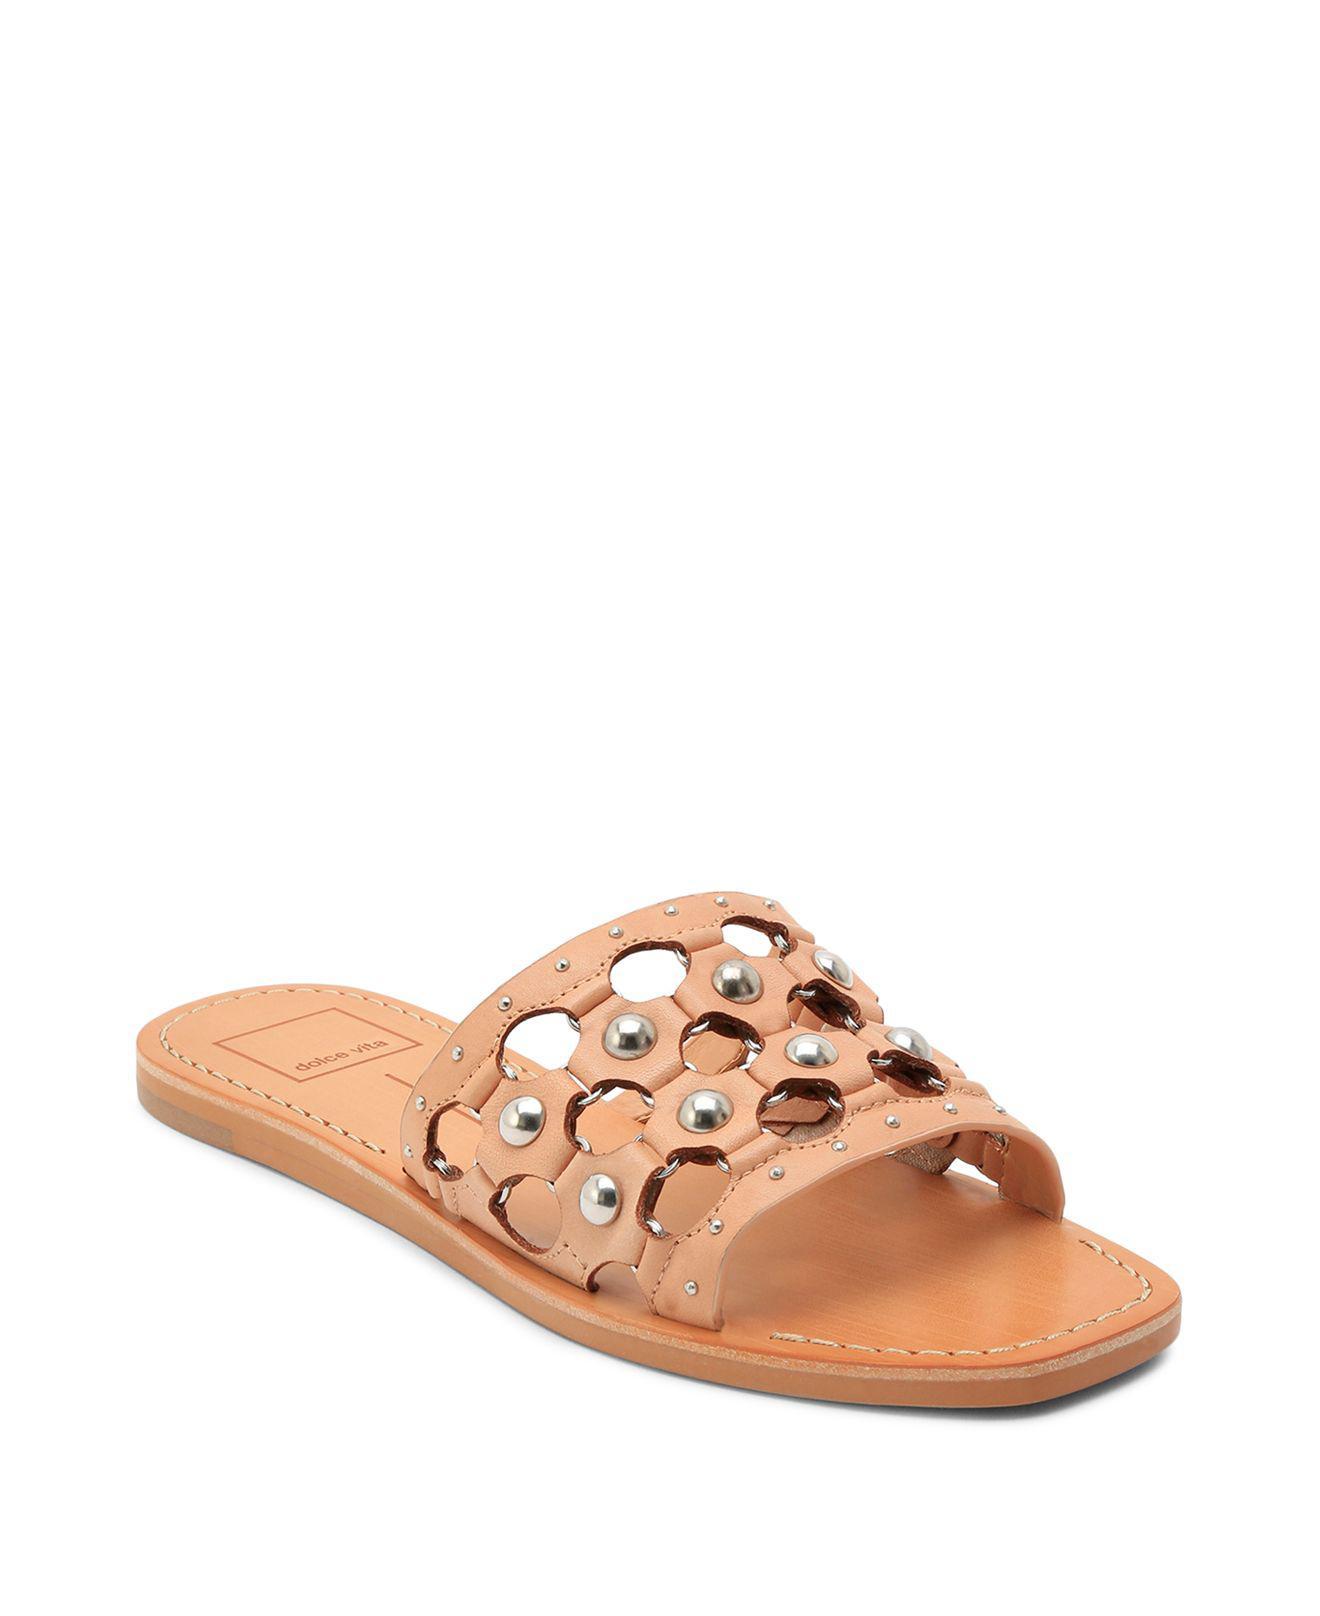 Dolce Vita Women's Celita Perforated Studded Slide Sandal bSCGo